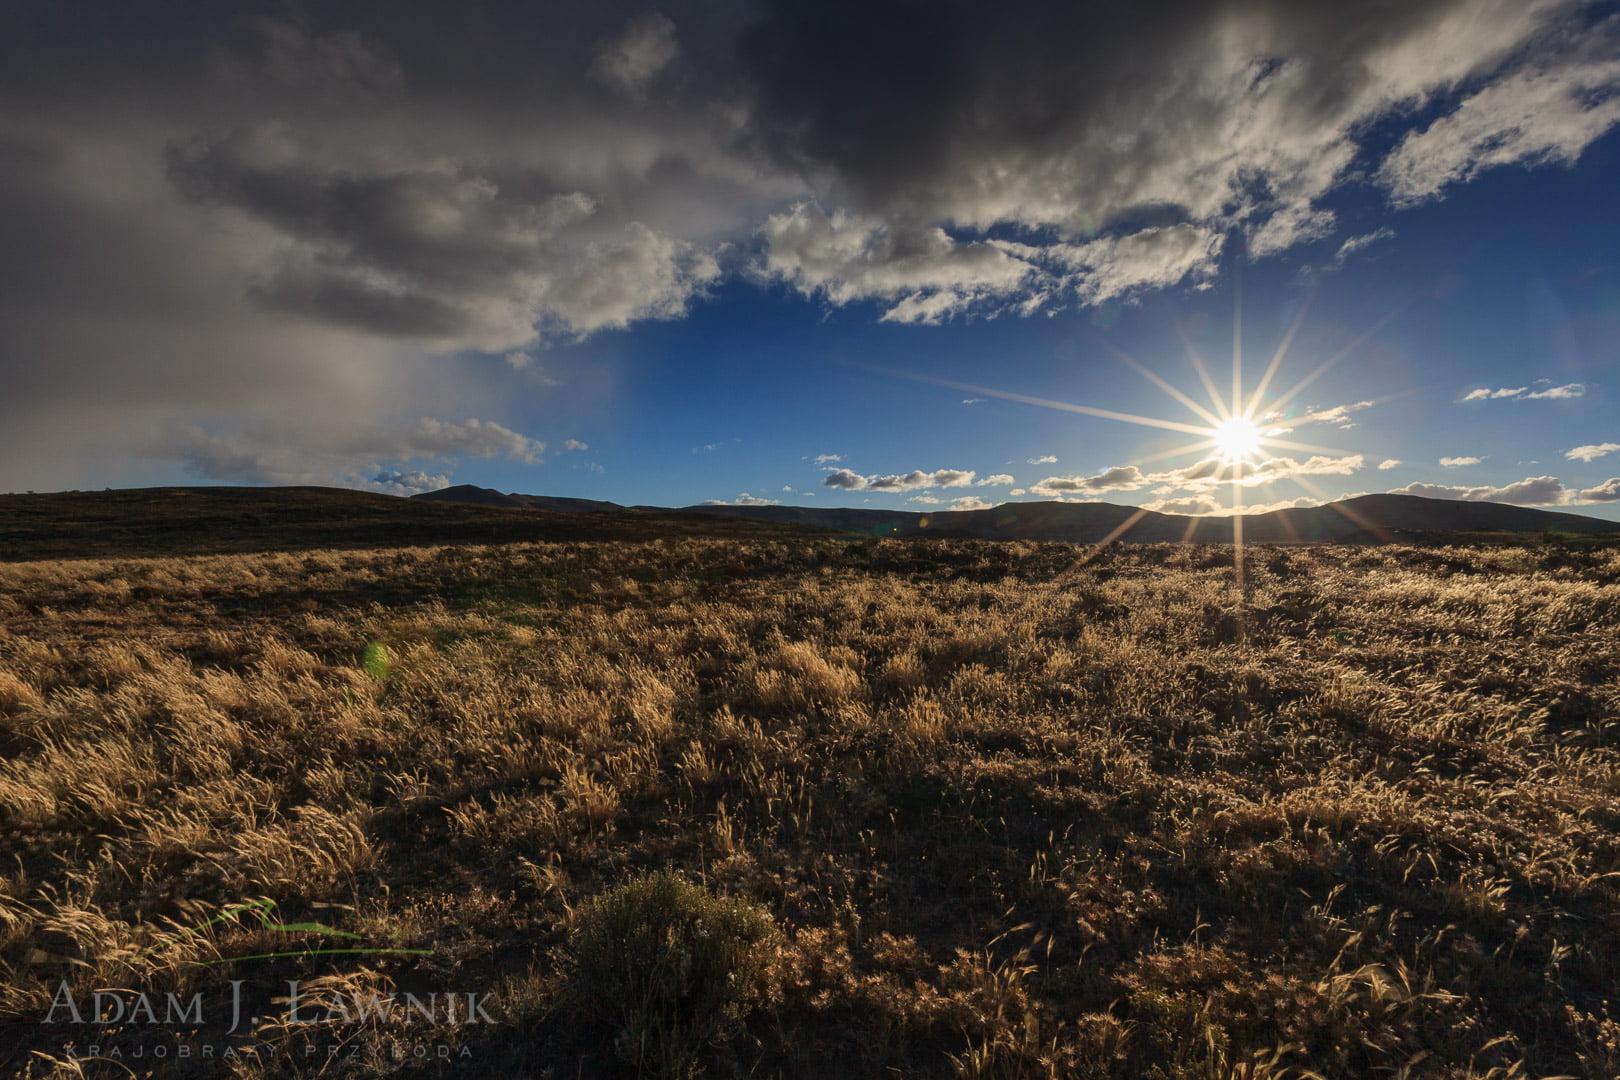 Patagonia, Argentina 1204-01295C